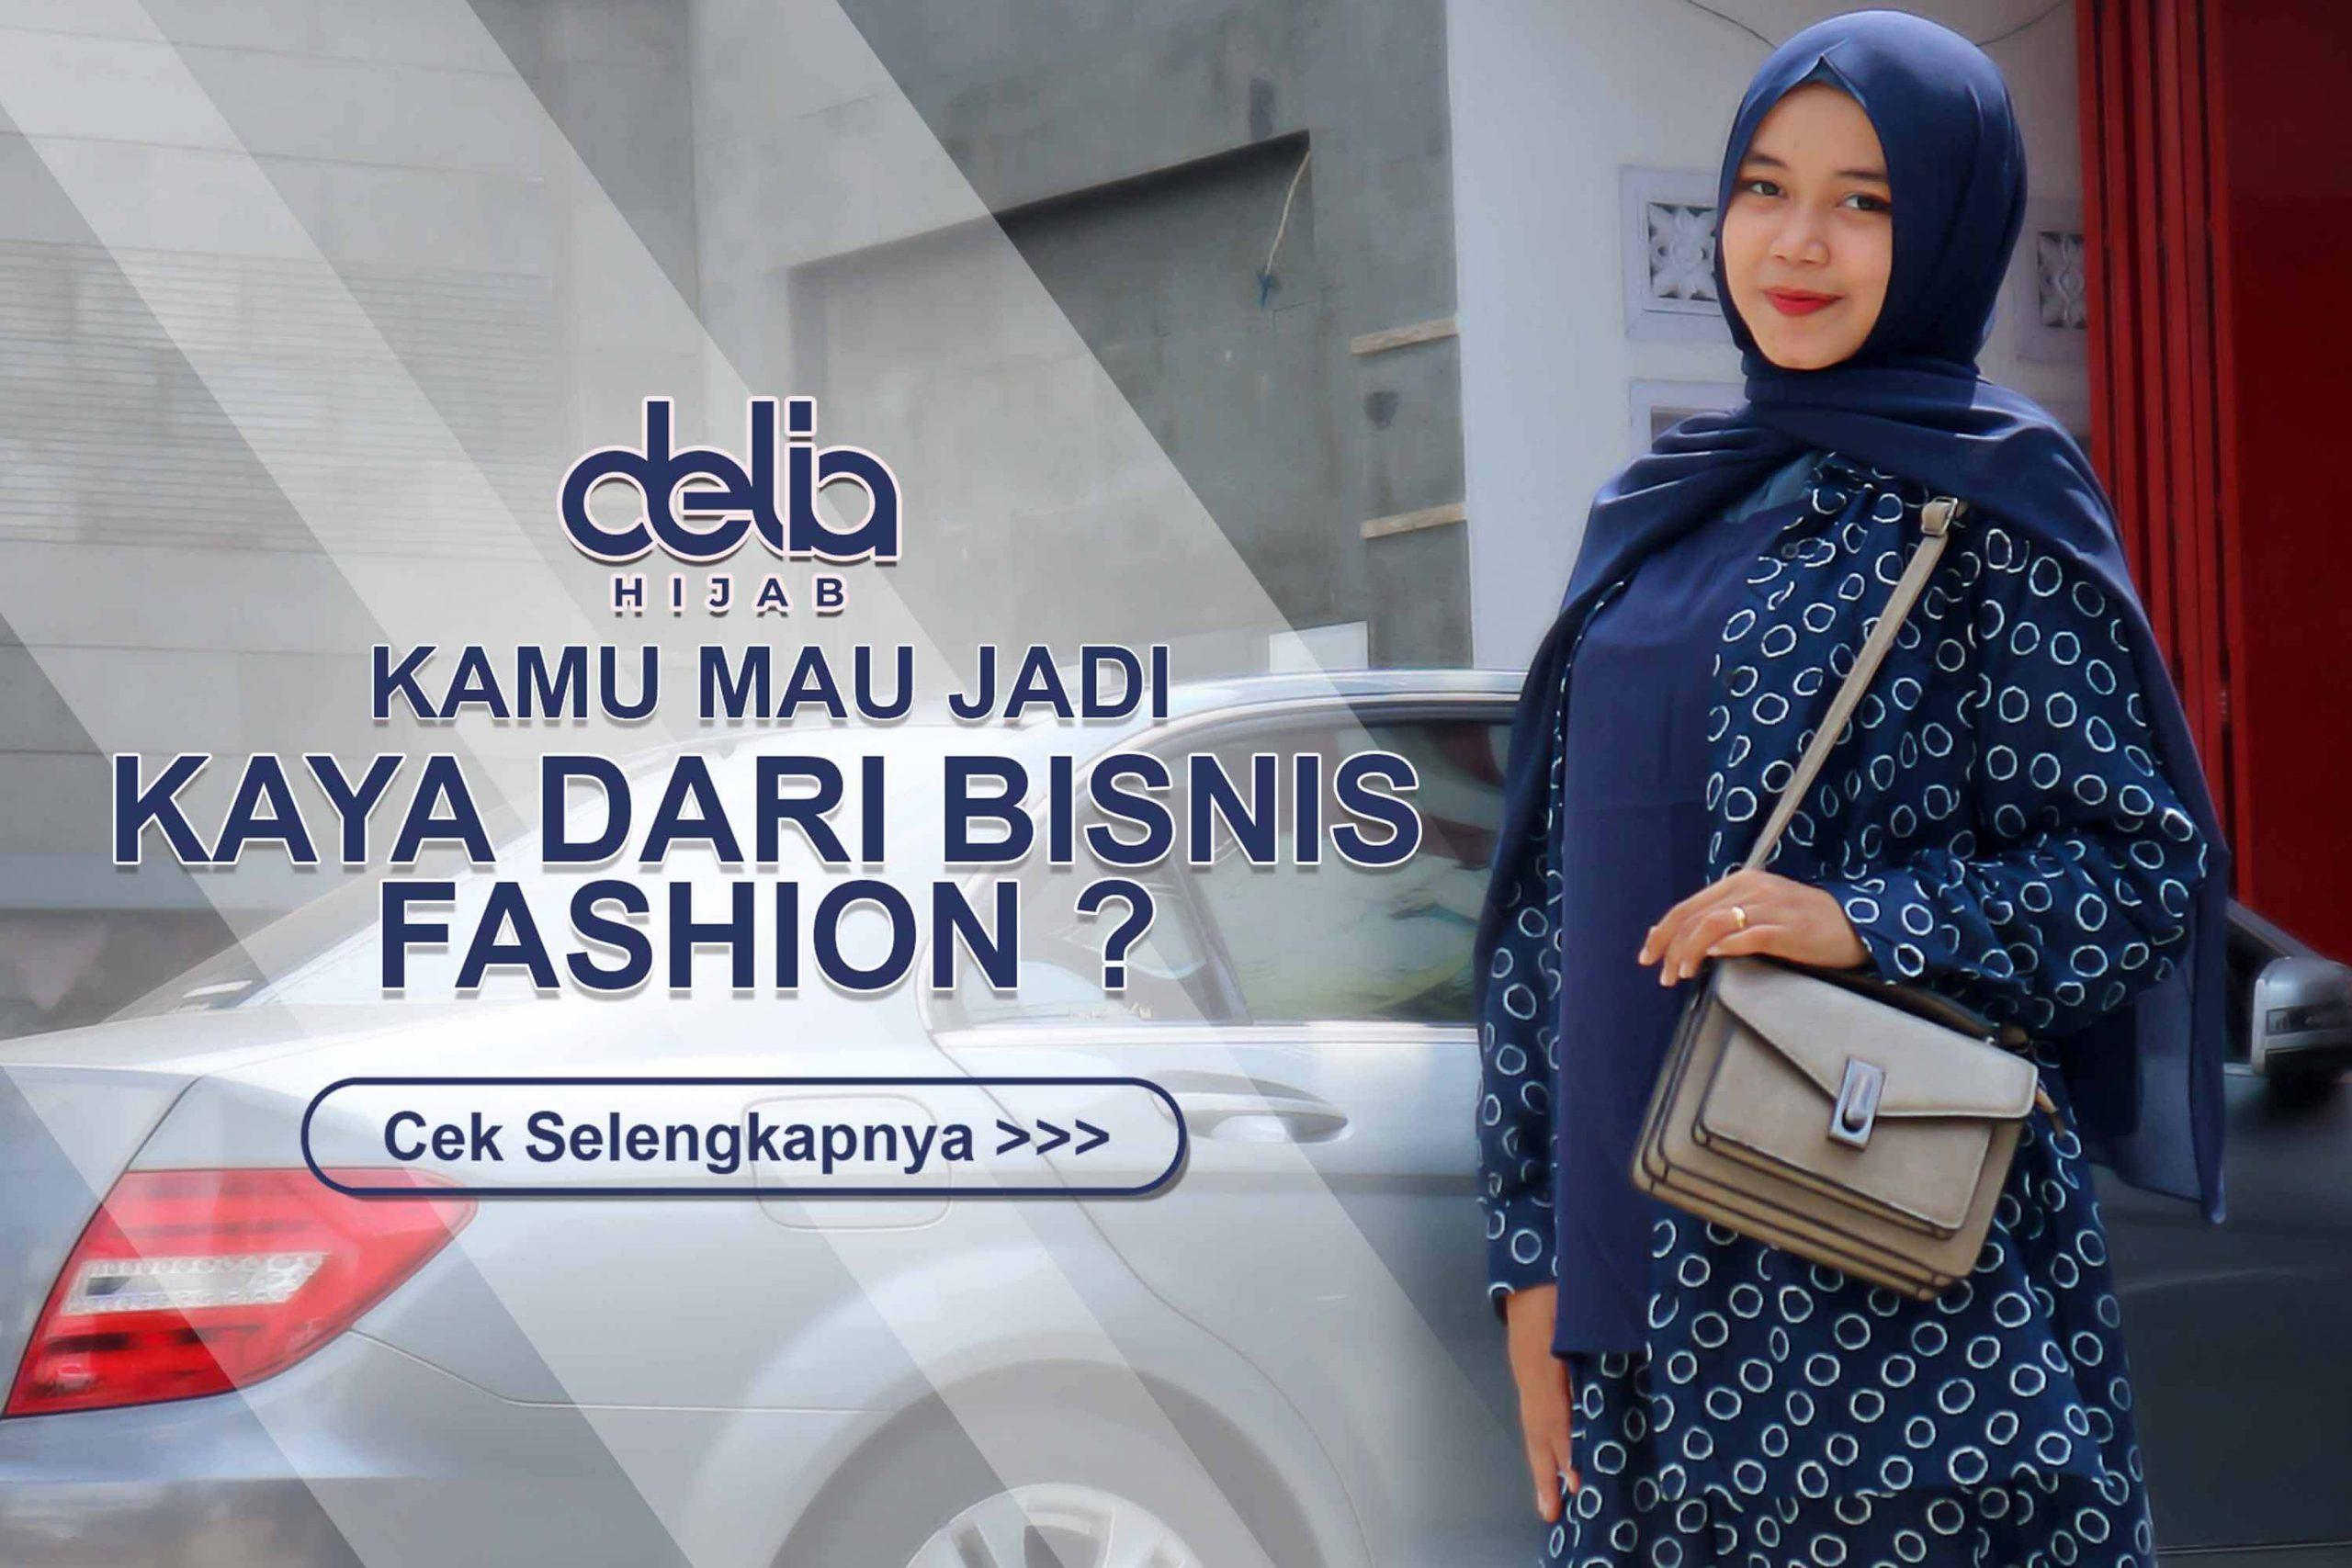 Reseller Baju Gamis Modern dan Busana Muslim Delia Hijab - Popup